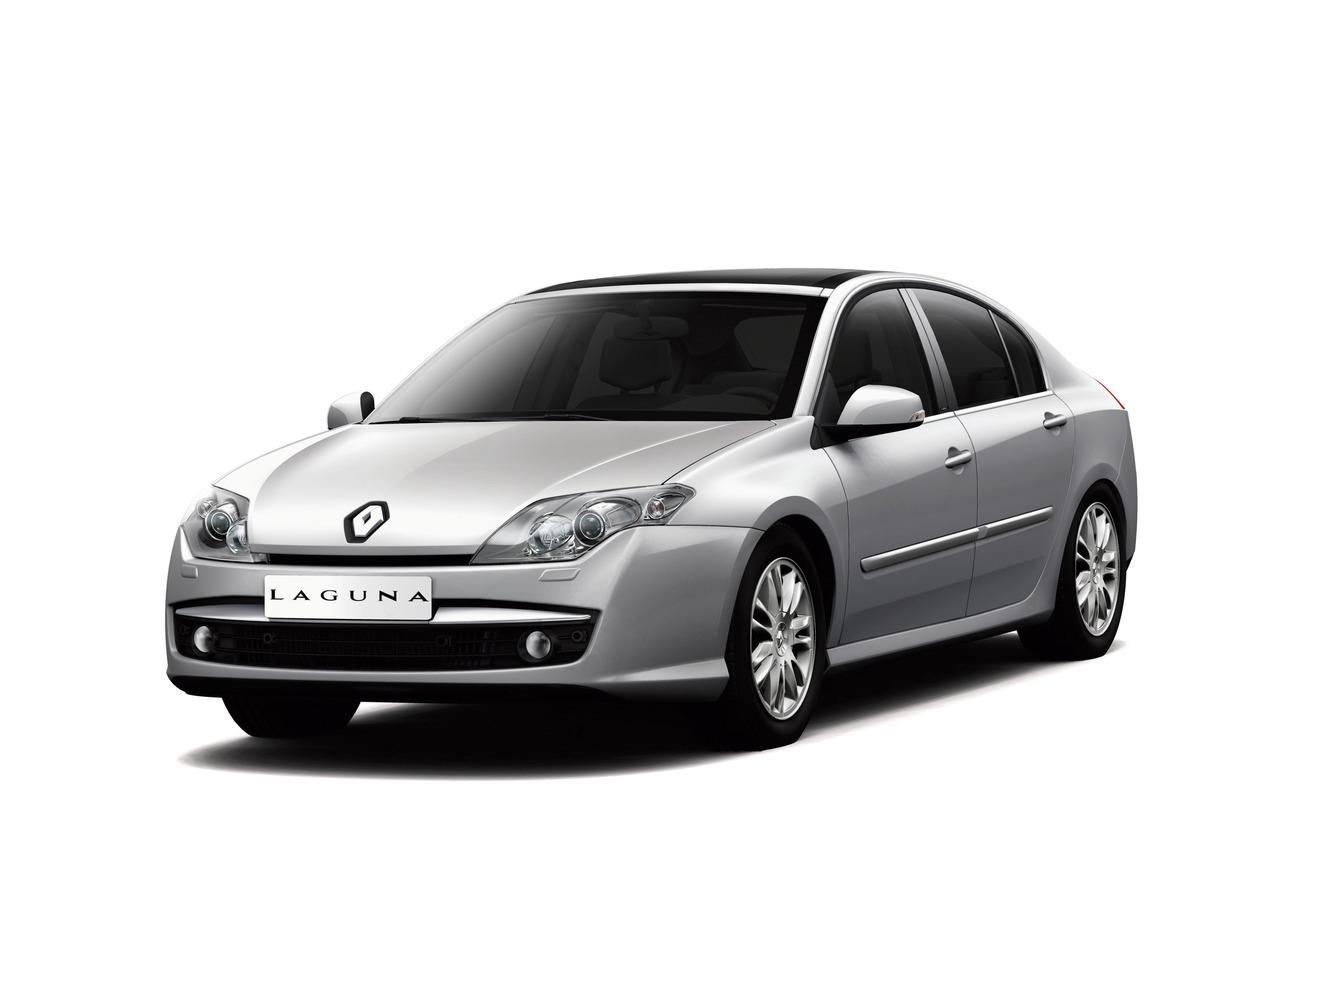 хэтчбек 5 дв. Renault Laguna